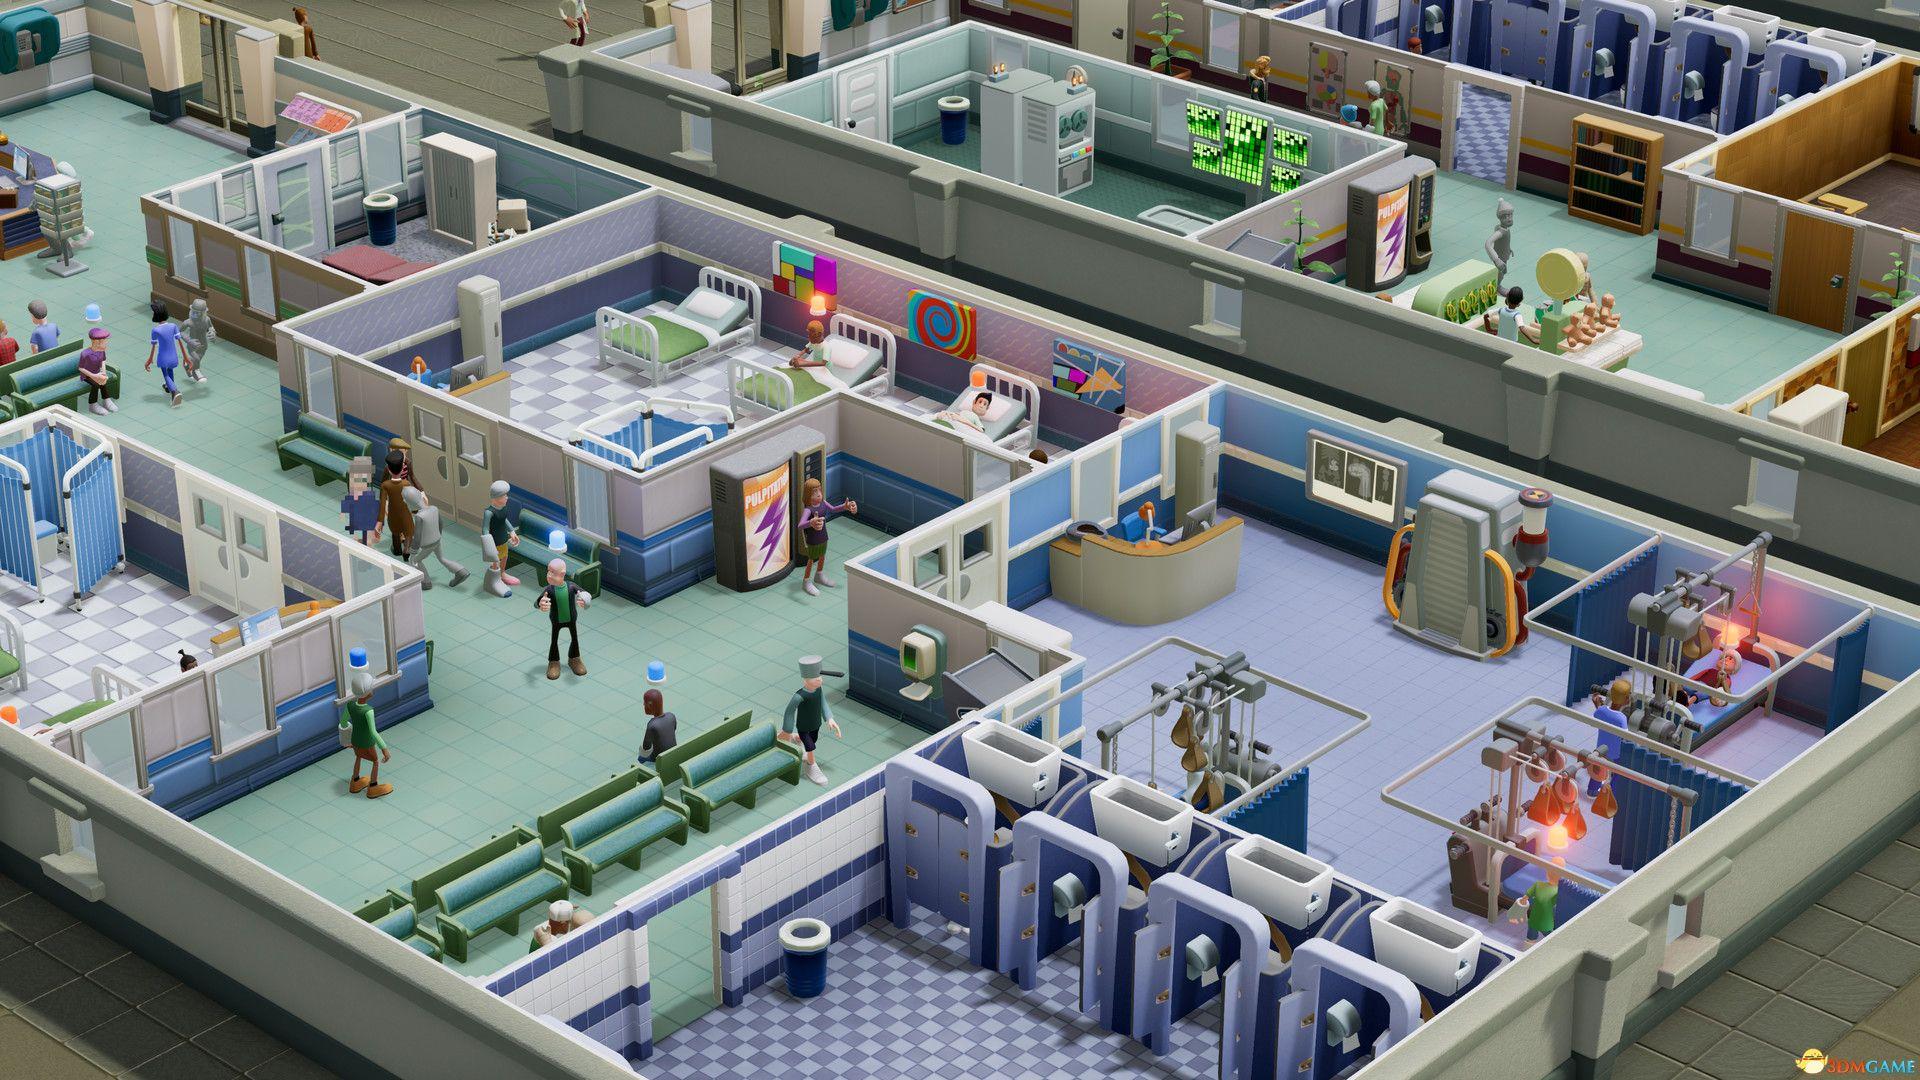 《双点医院》媒体平均分88分 优秀的经营模拟游戏